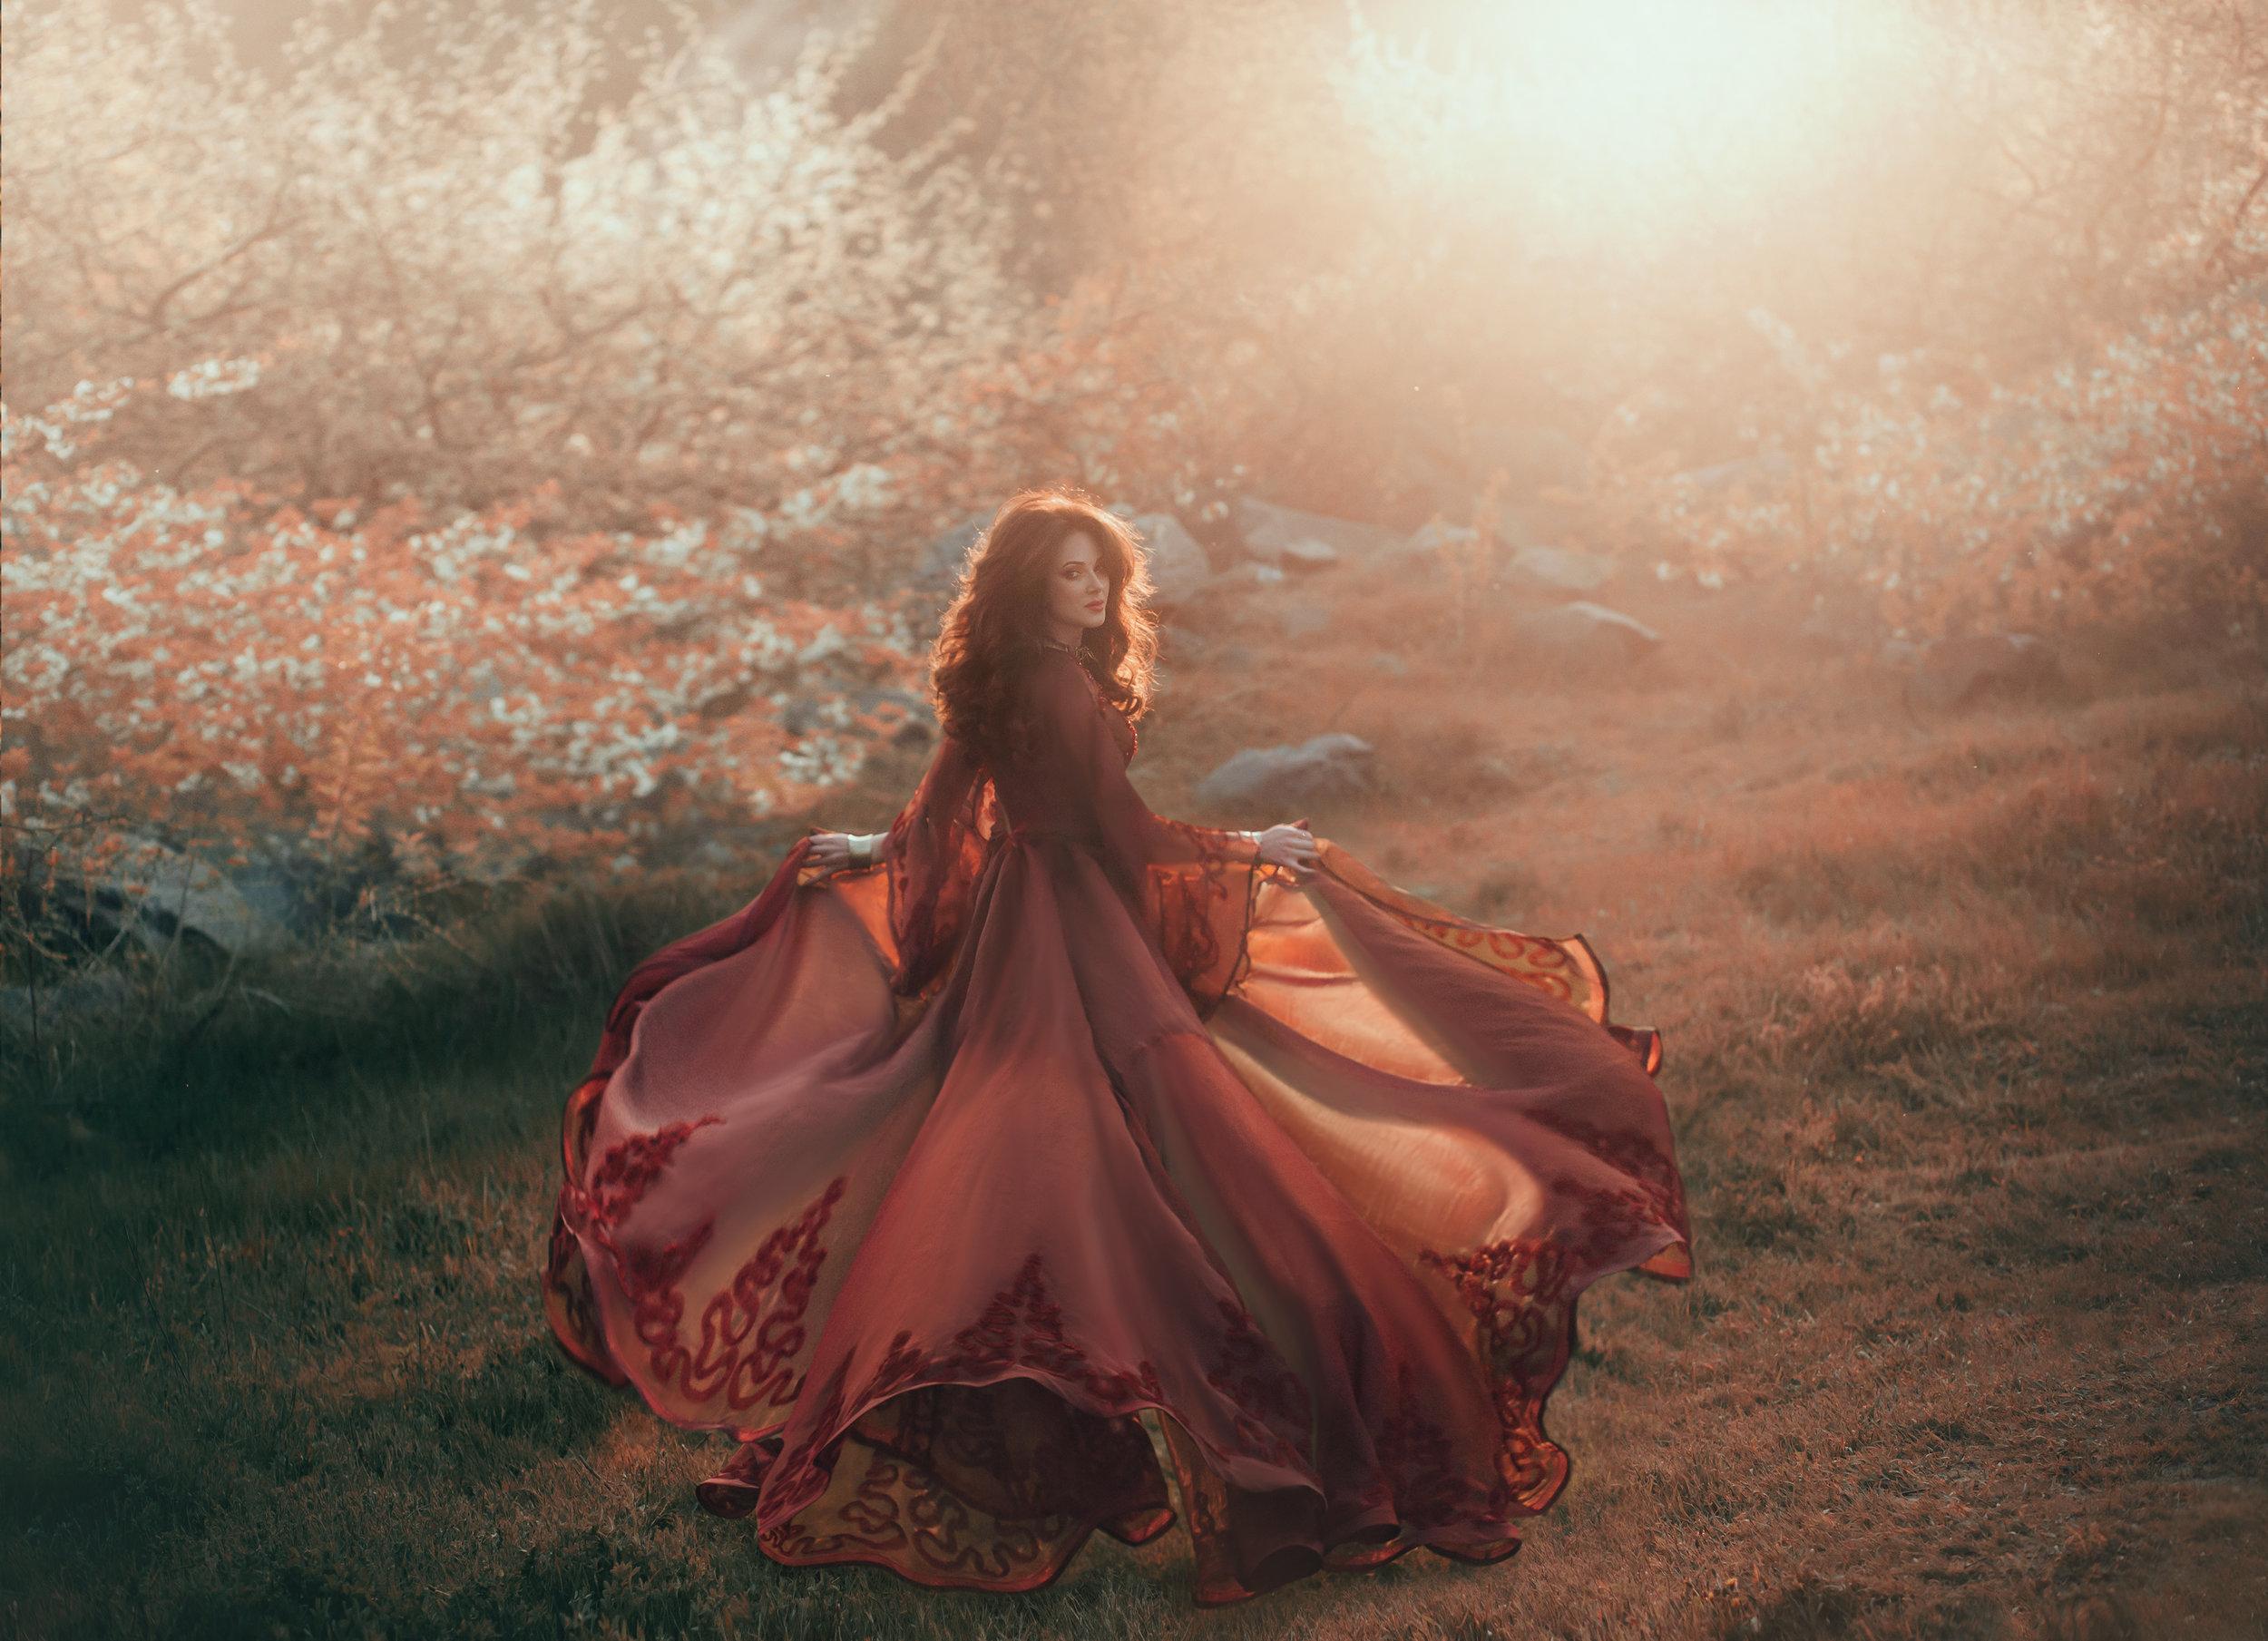 She is grace -